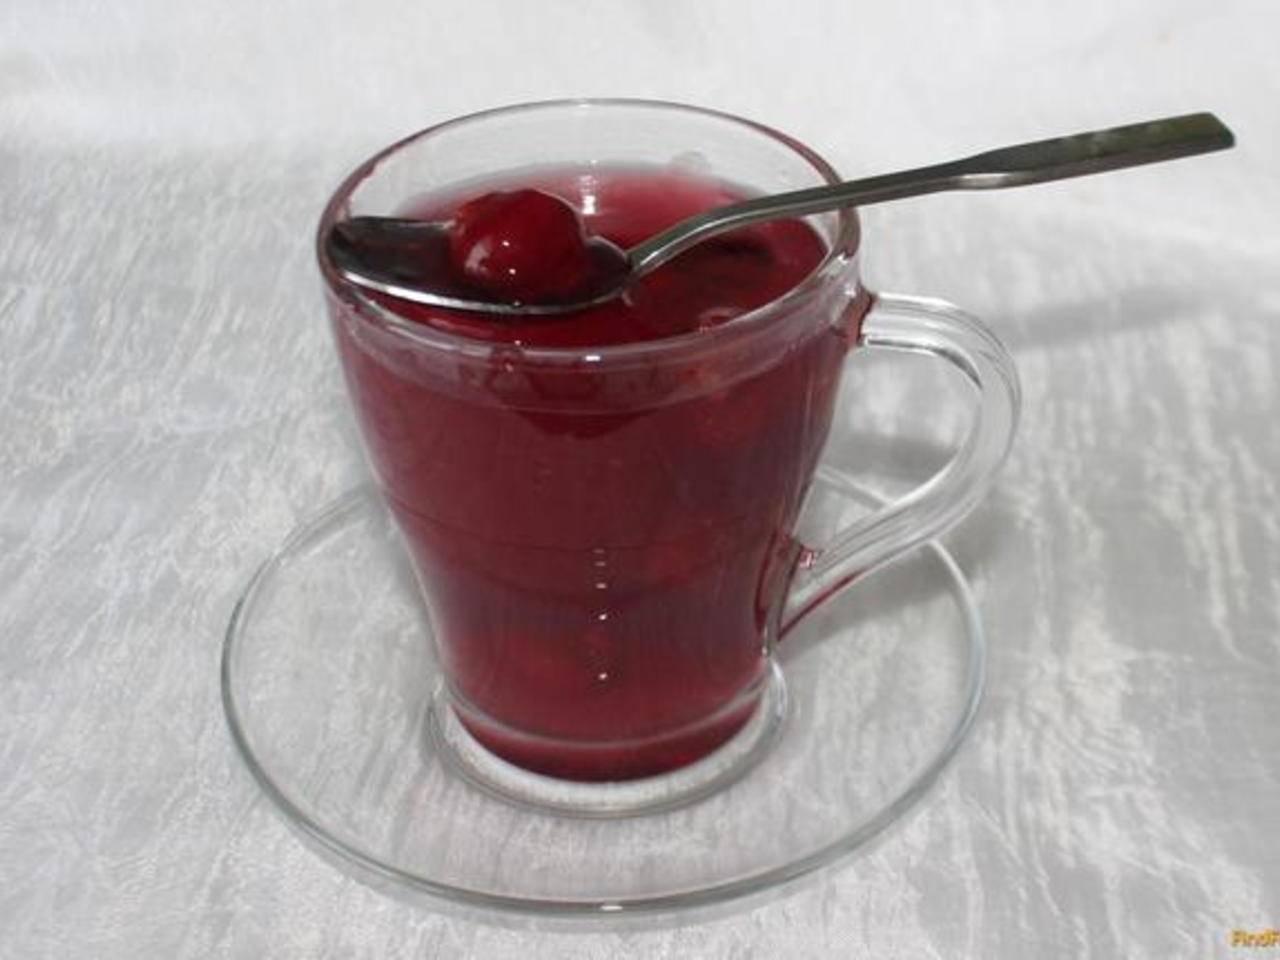 Вишневый кисель - полезные свойства и рецепты вишневый кисель - полезные свойства и рецепты